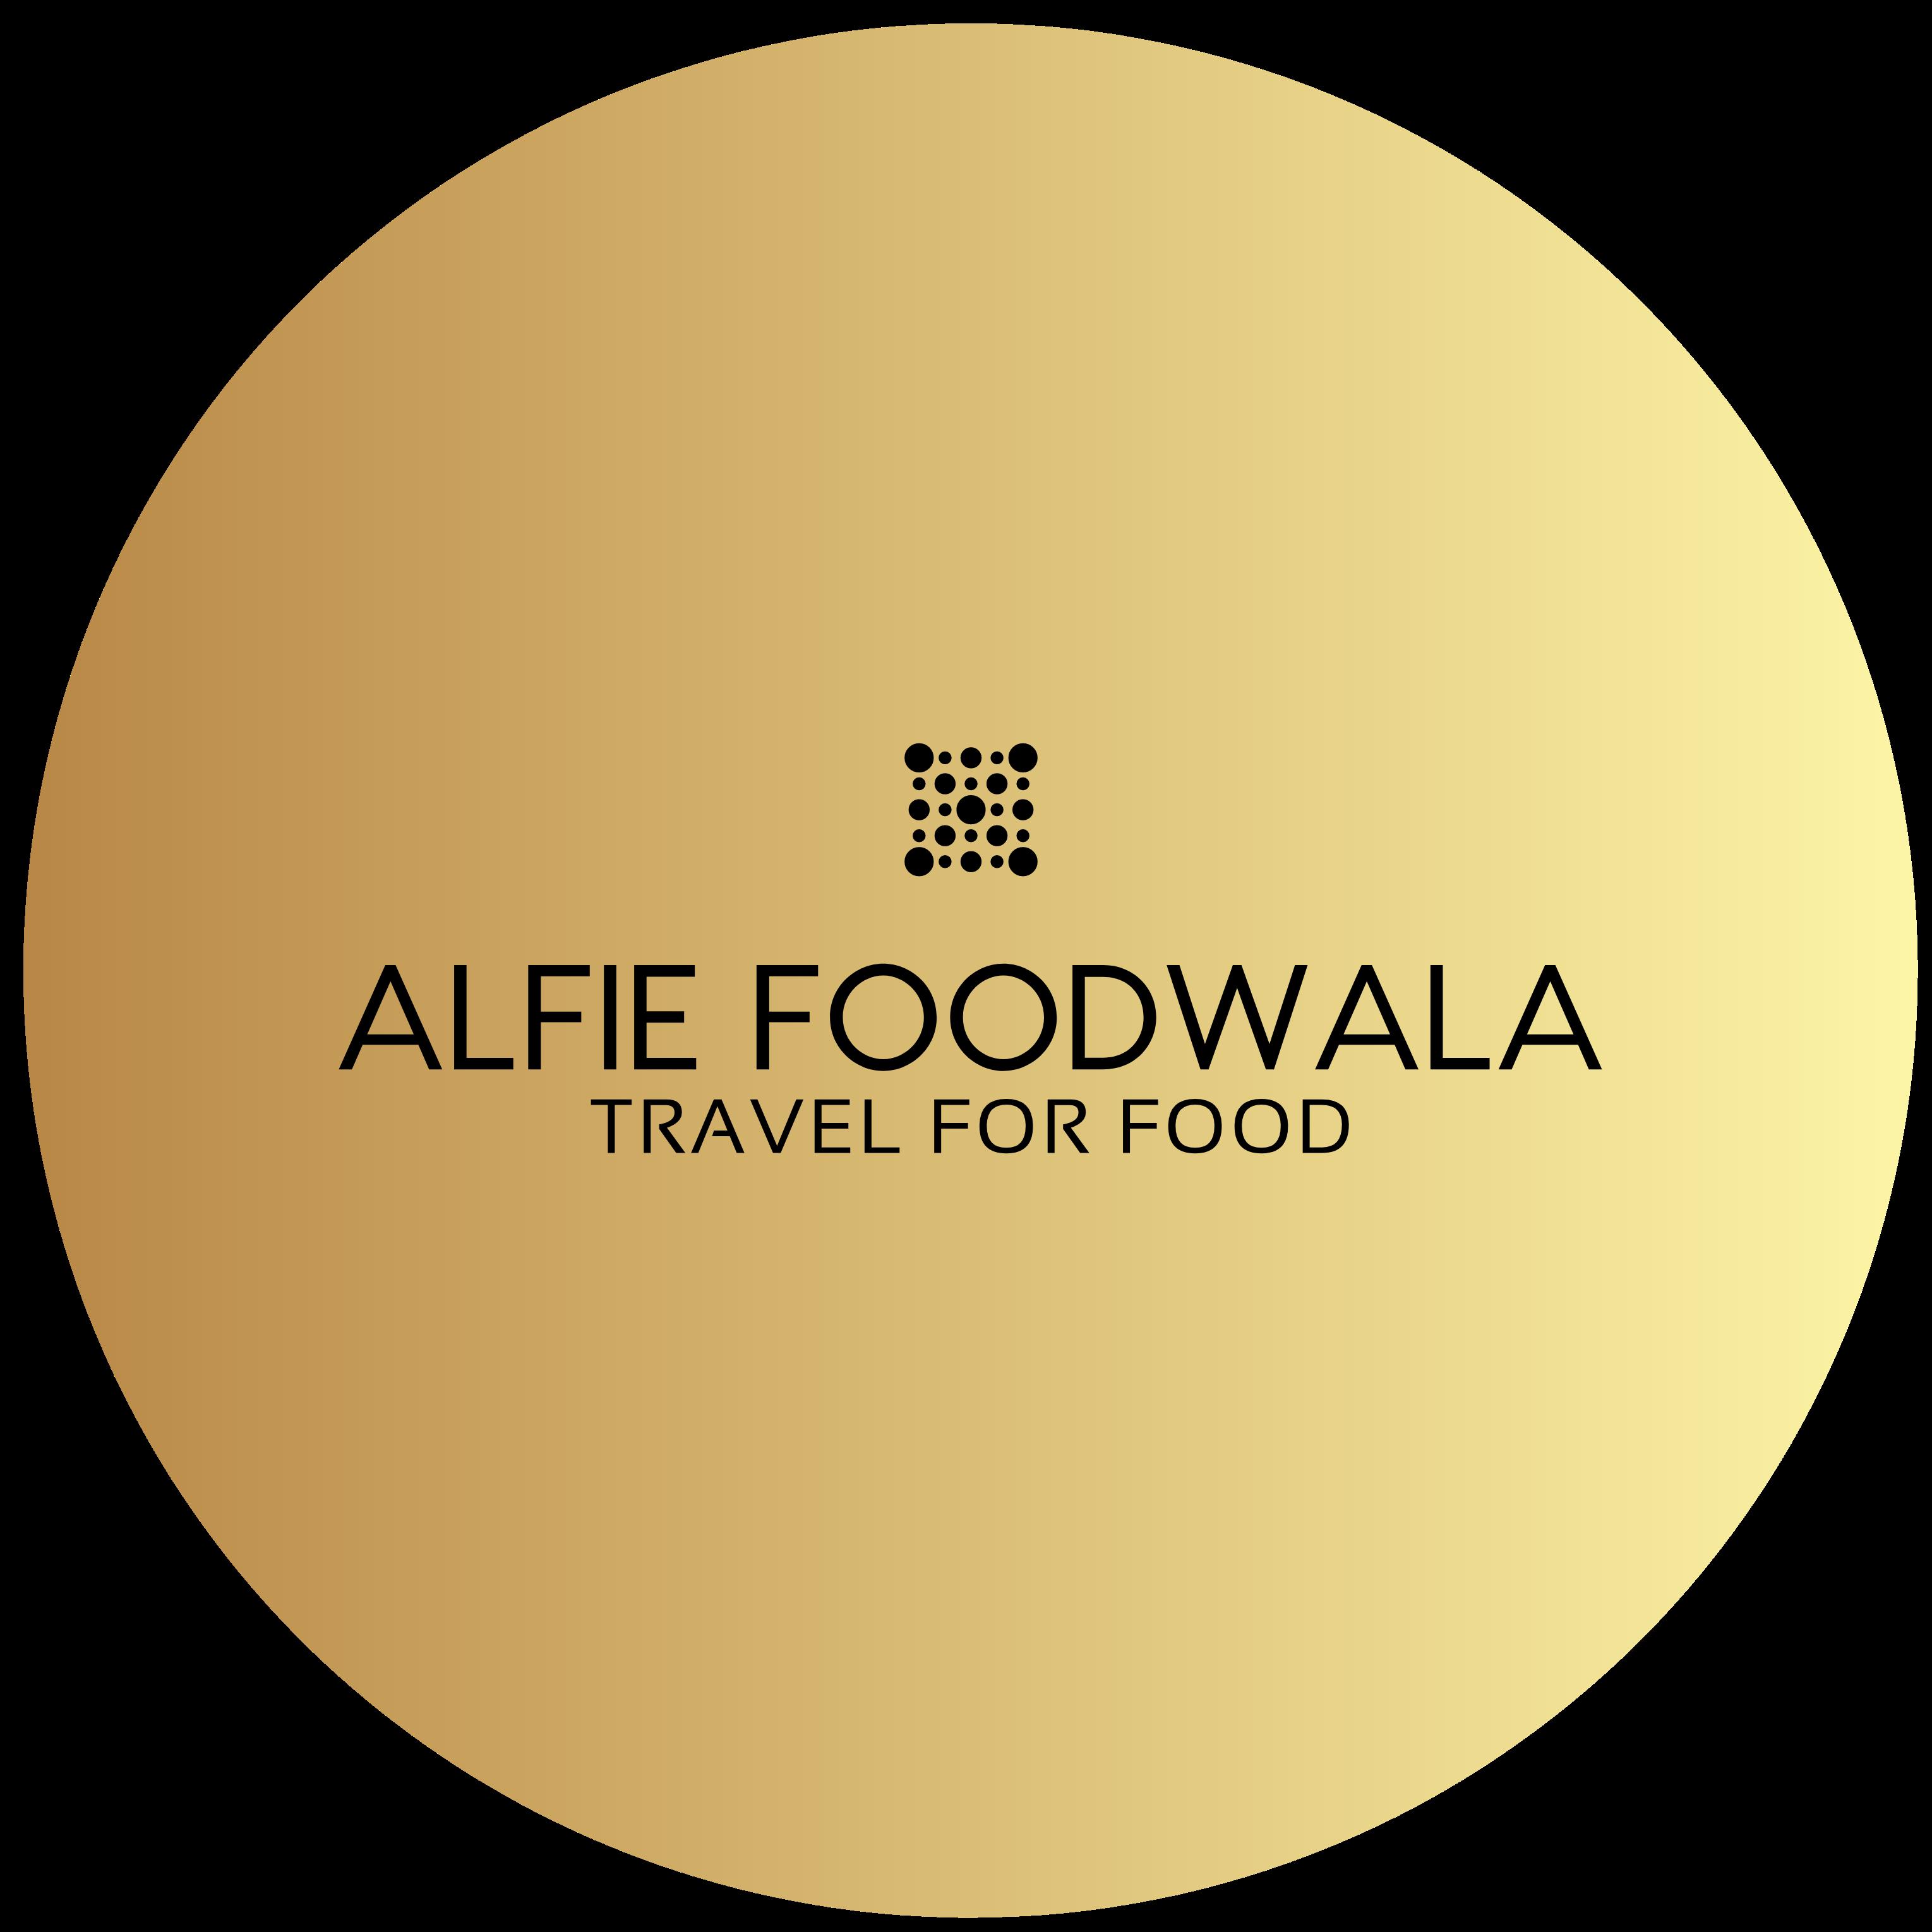 Alfie FoodWala